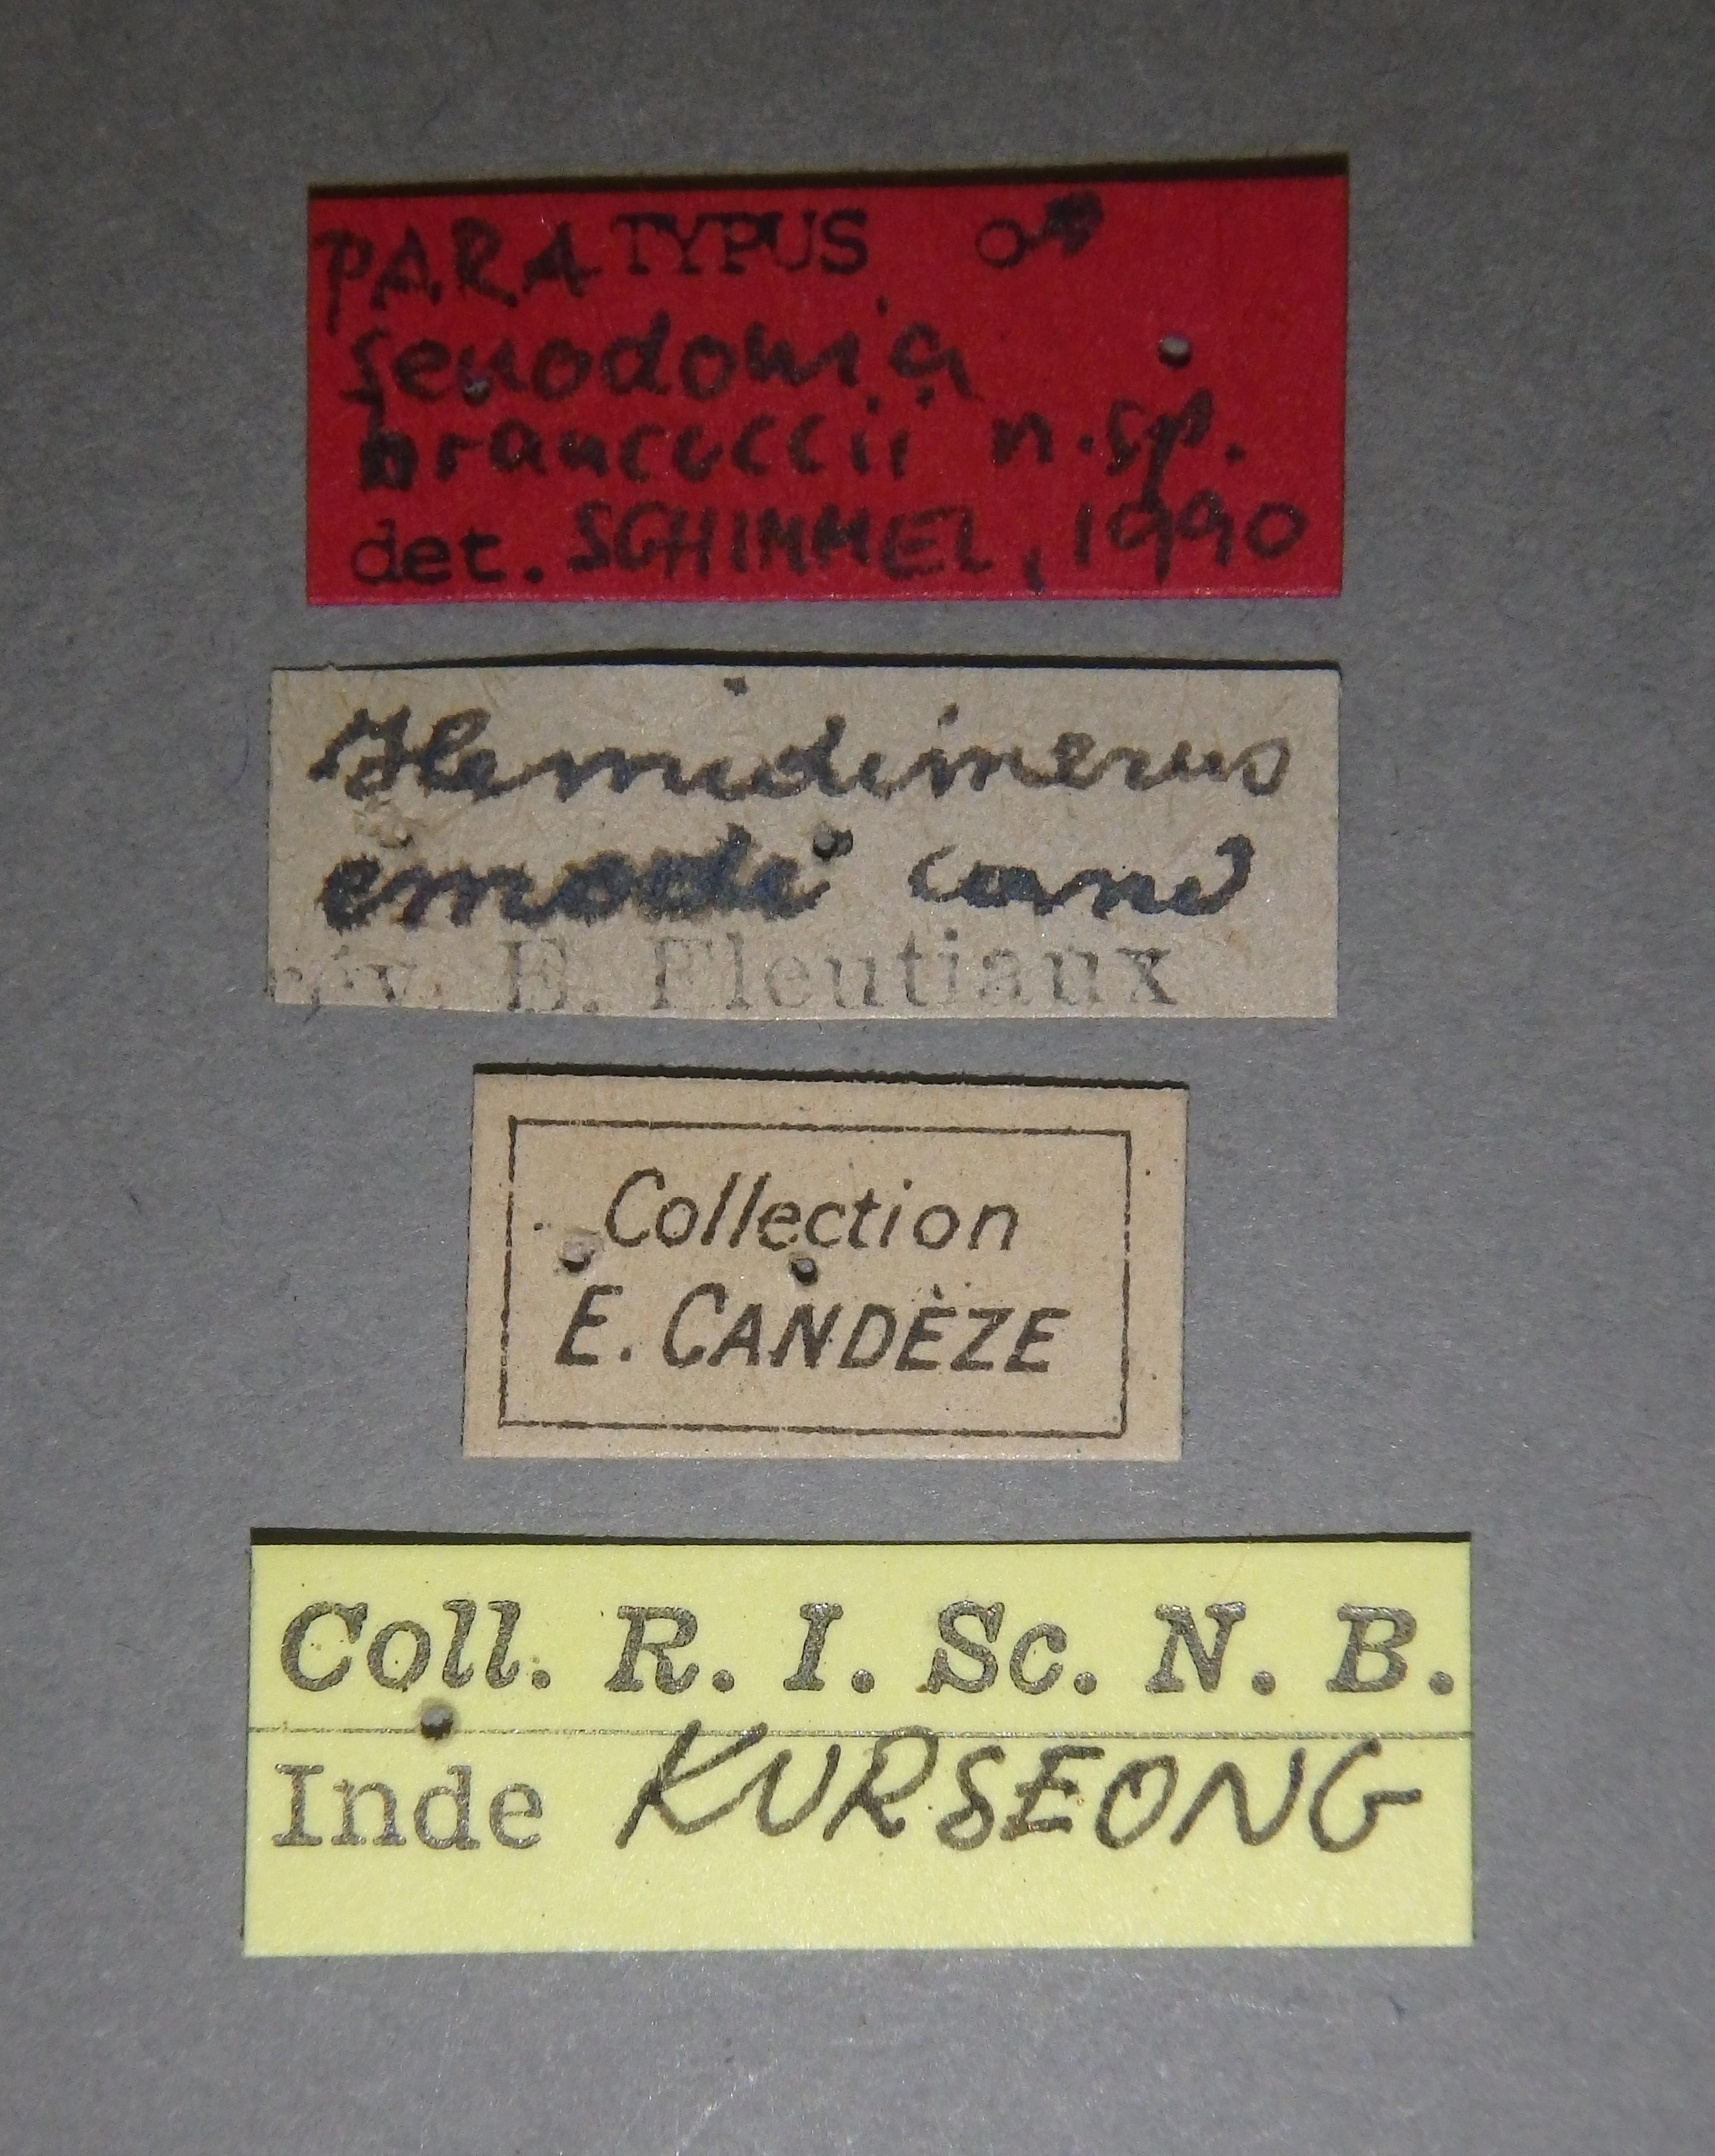 Senodonia brancuccii pt2 M Lb.JPG